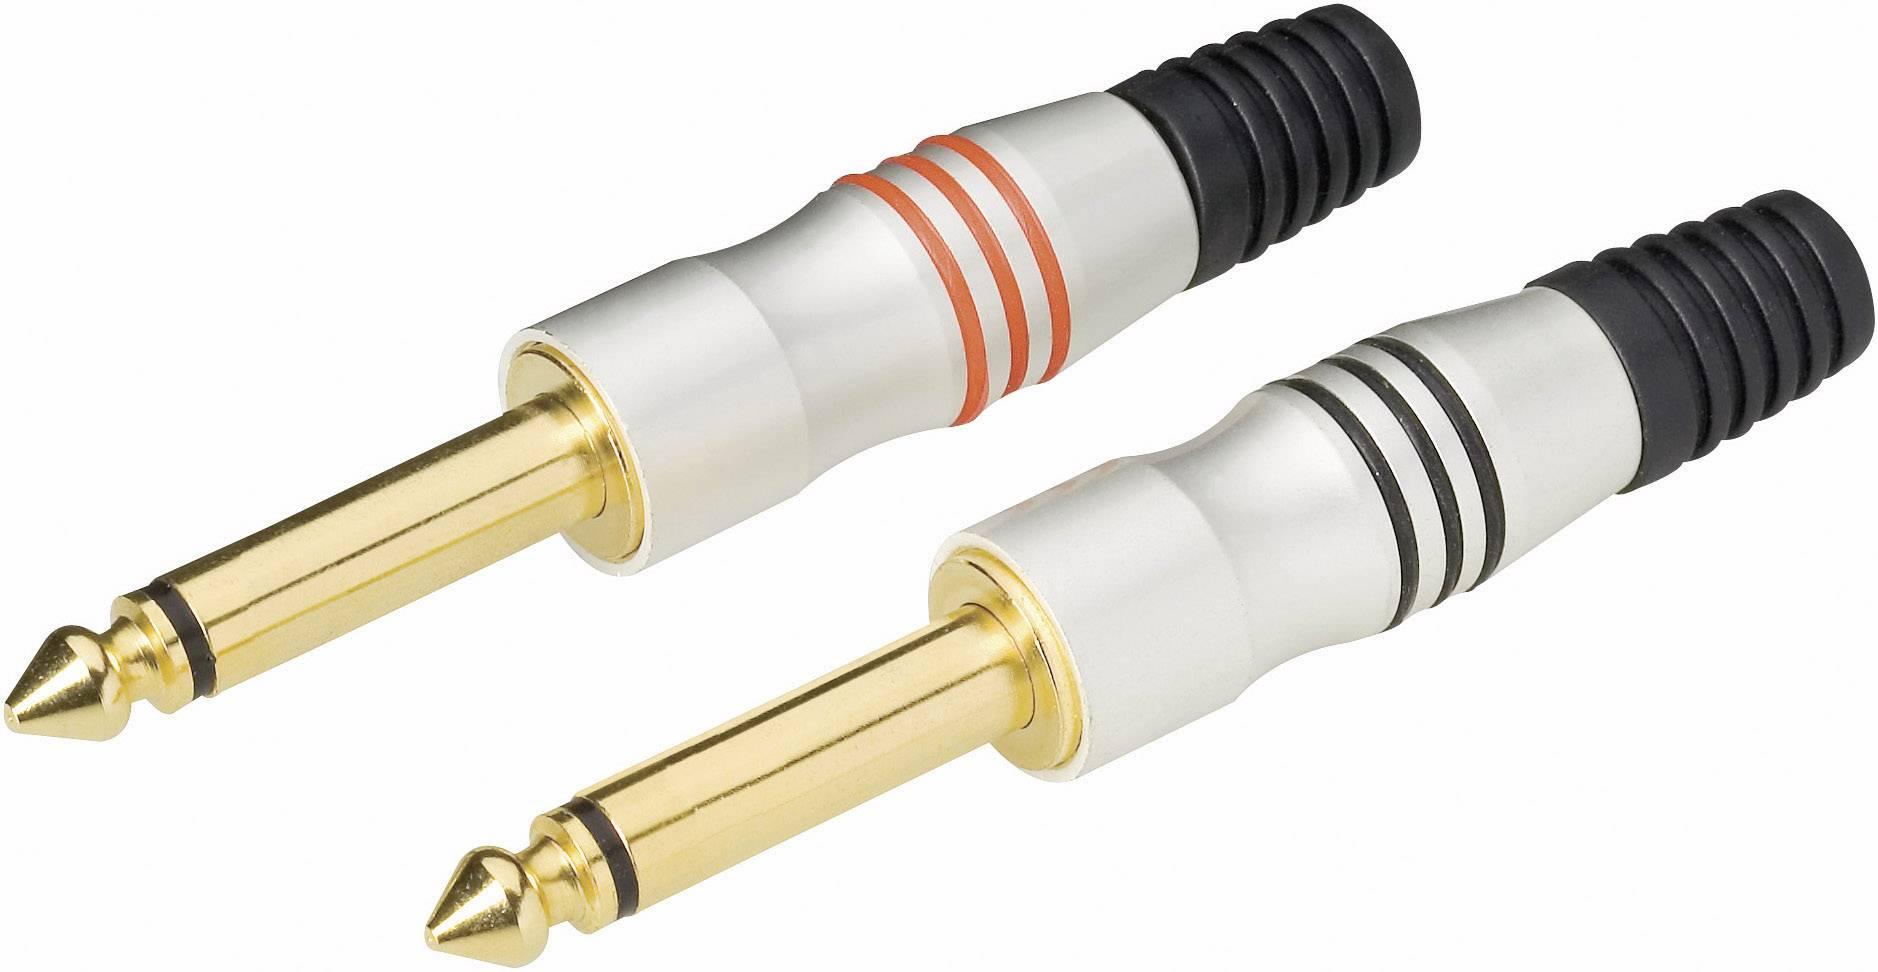 Jack konektor 6,35 mm mono, zástrčka rovná, 2pól., 4 ks, stříbrná